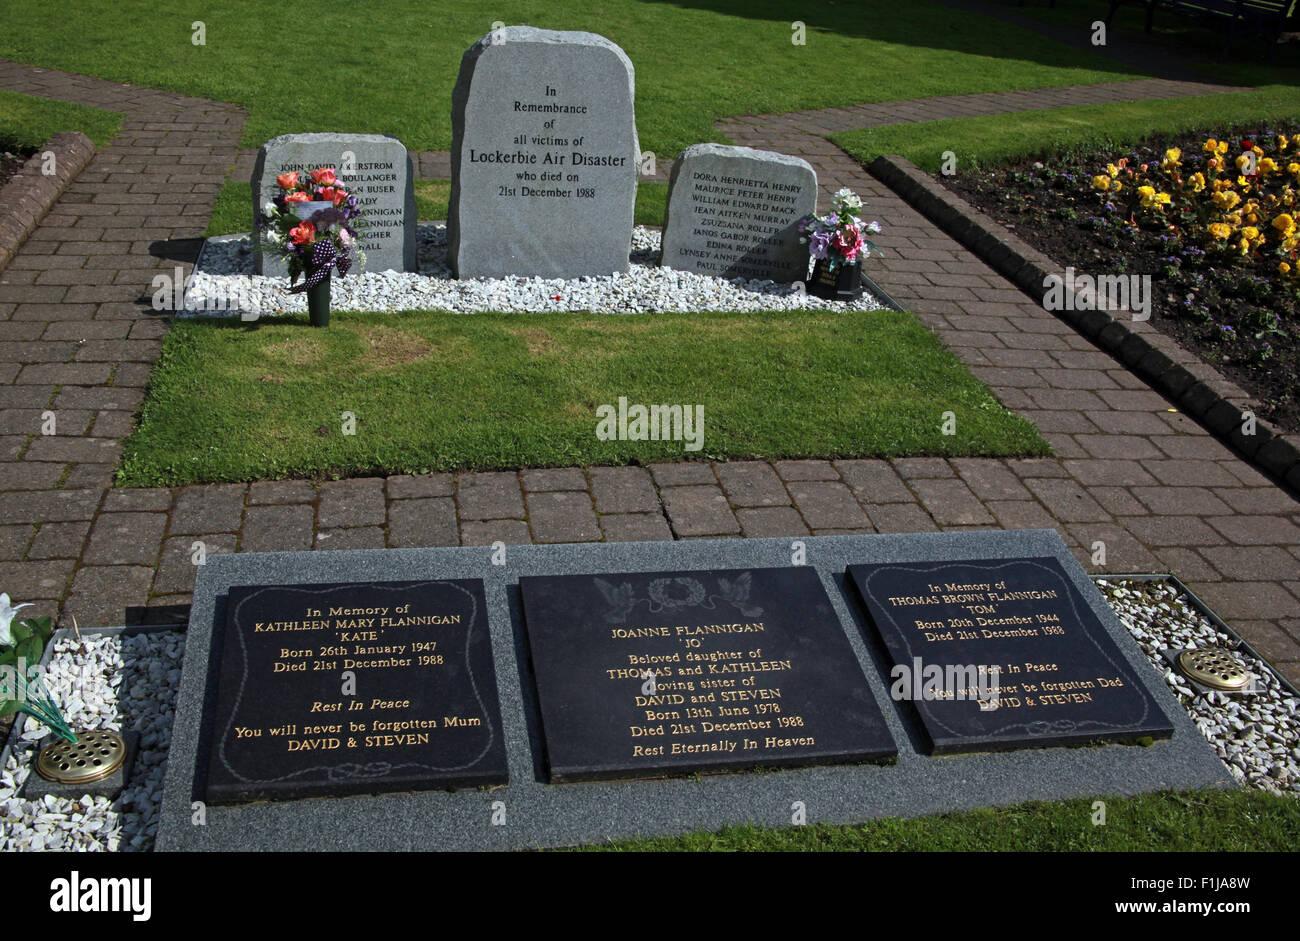 Laden Sie dieses Alamy Stockfoto Lockerbie PanAm103 In Erinnerung Memorial Steinen Flannigan, Schottland - F1JA8W